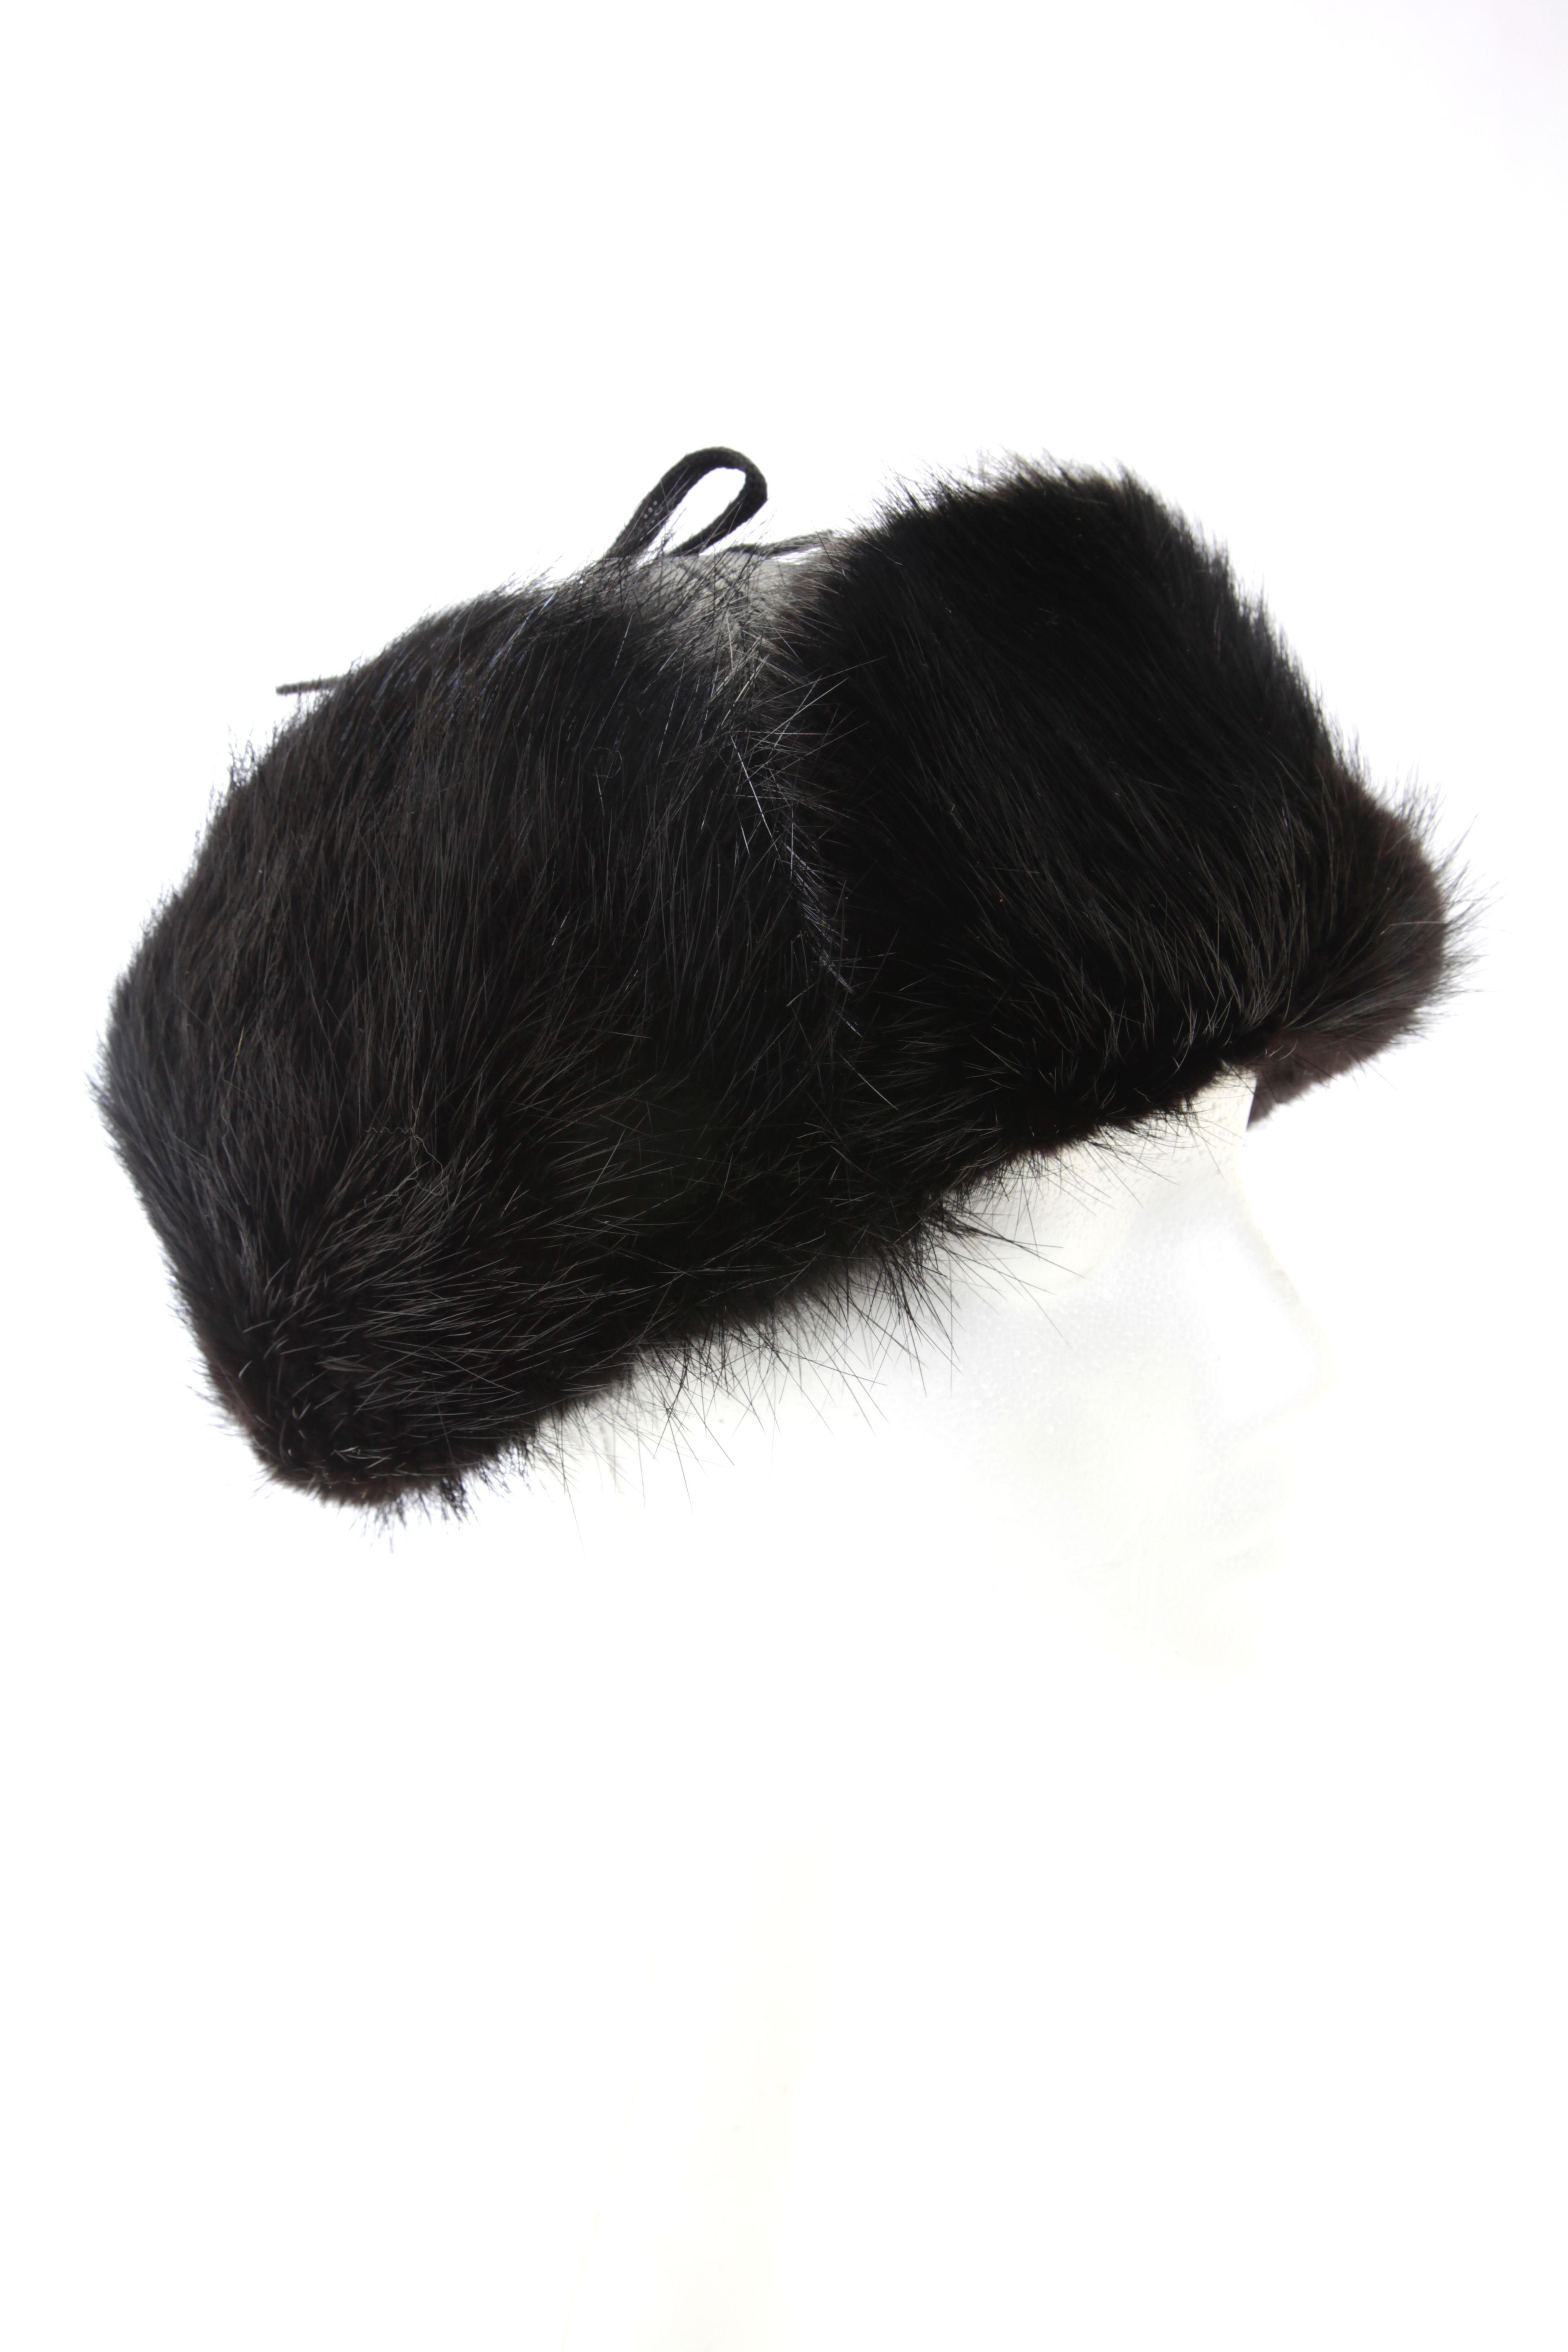 026beef73b9a Chapeau facteur castor noir   Black beaver trapper hat Cuir Noir, Chapeaux,  Fourrure,